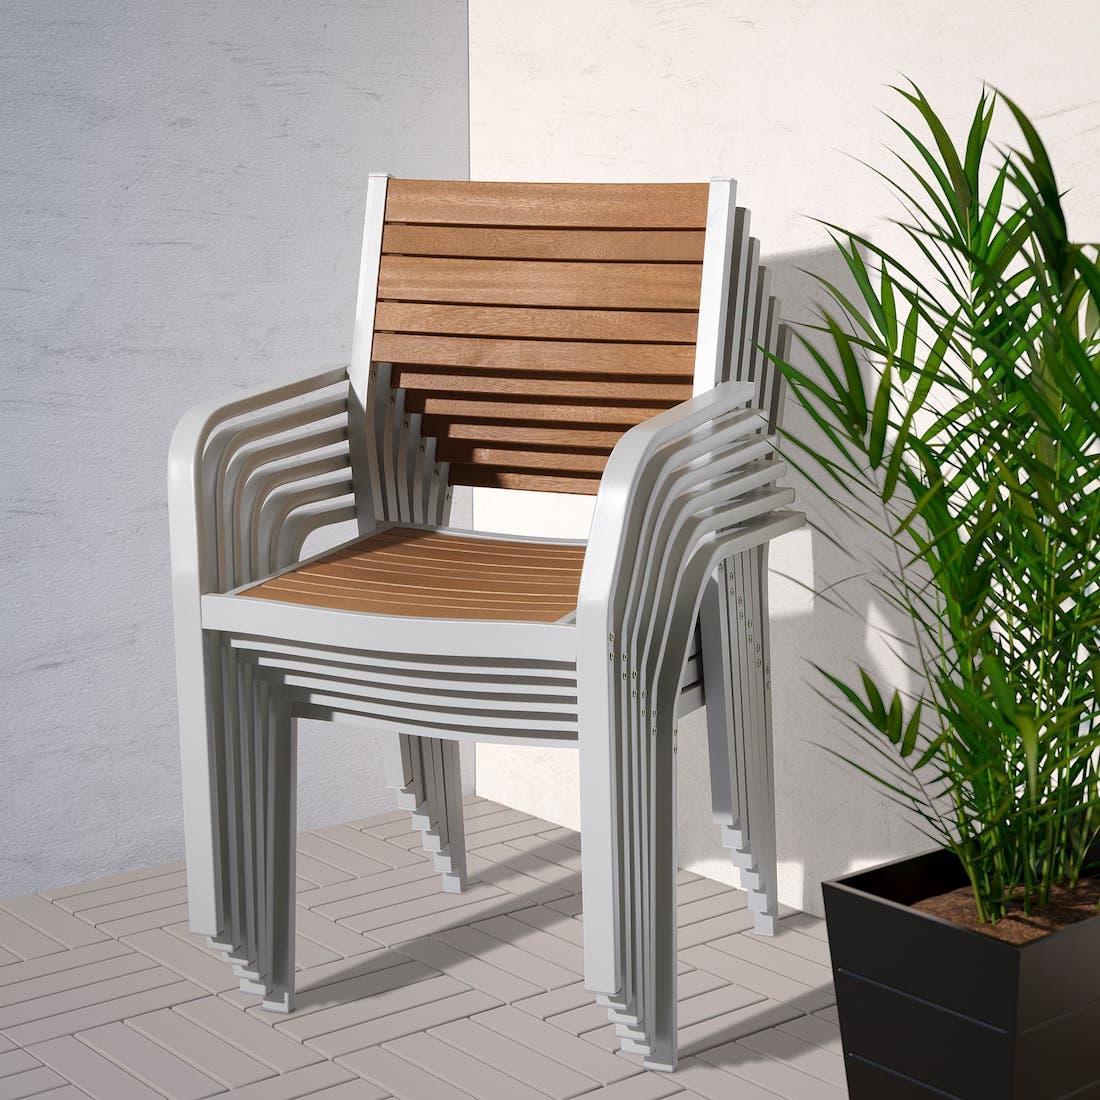 Sedie impilabili Själland marrone chiaro - Foto by Ikea